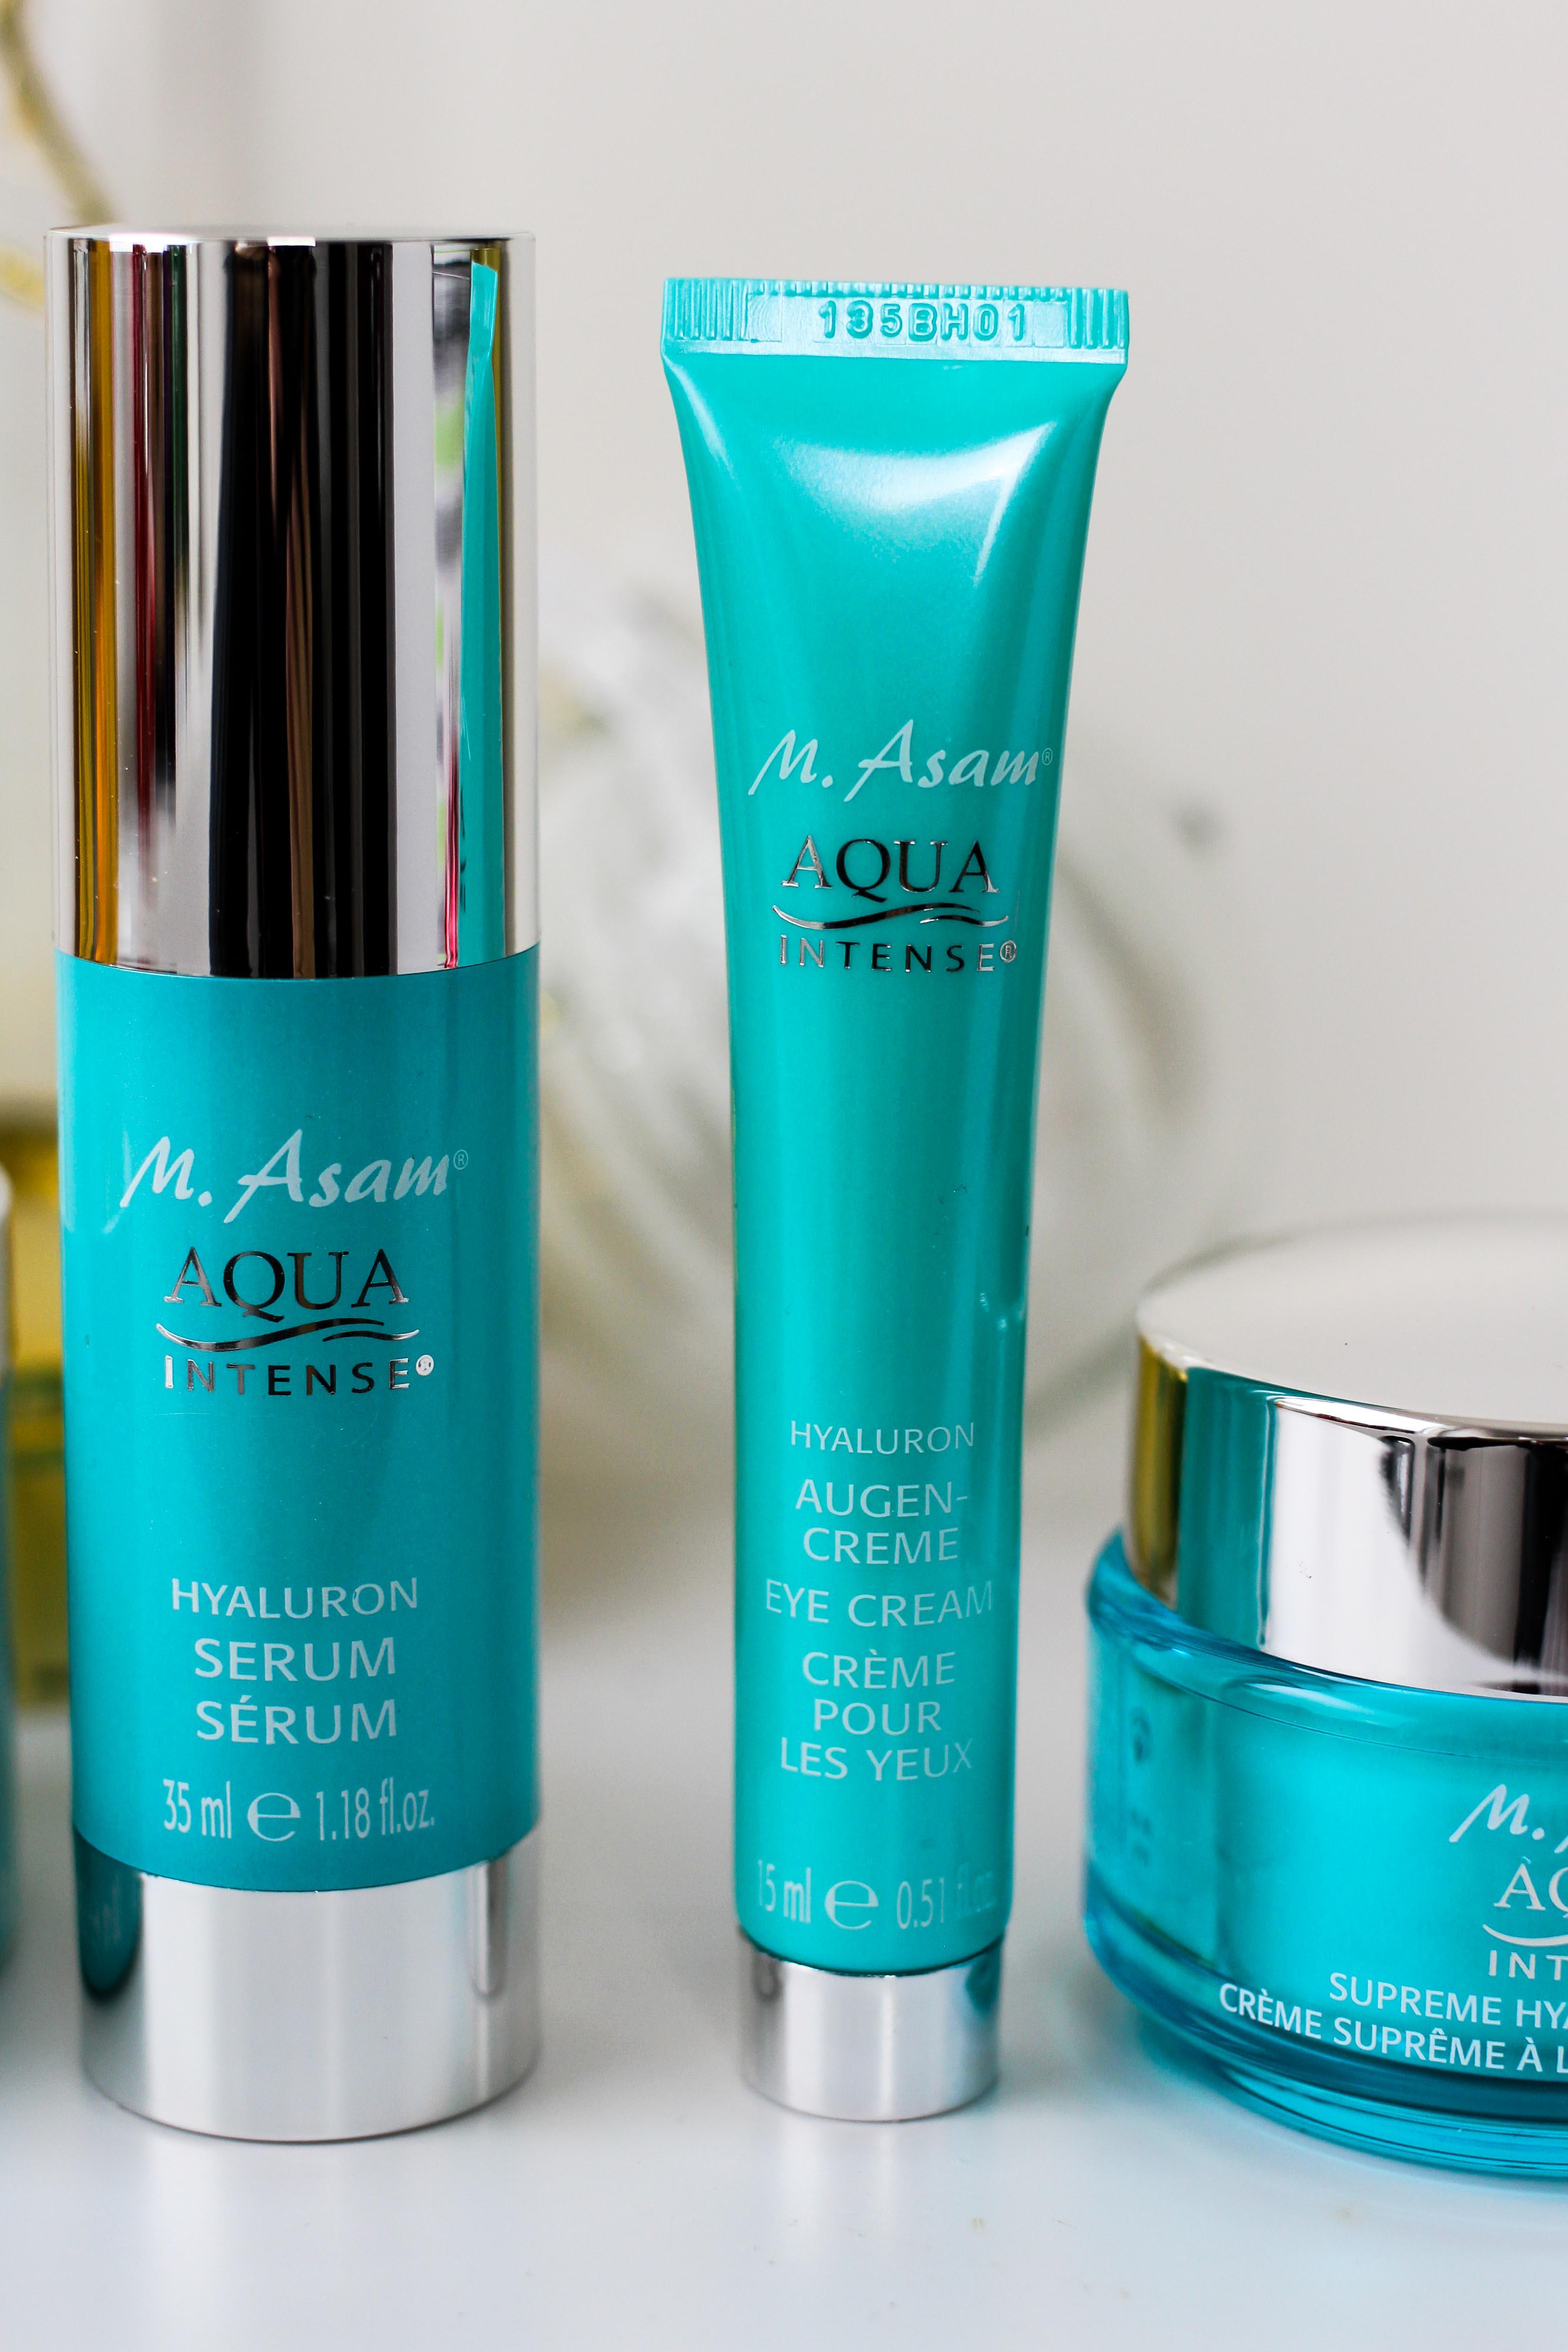 Adventskalender Blogger Deutschland 4-Teiliges Aqua Intense-Set Asambeauty Weihnachtsgeschenk Idee Beauty-Paket Hyaluron Serum Augencreme